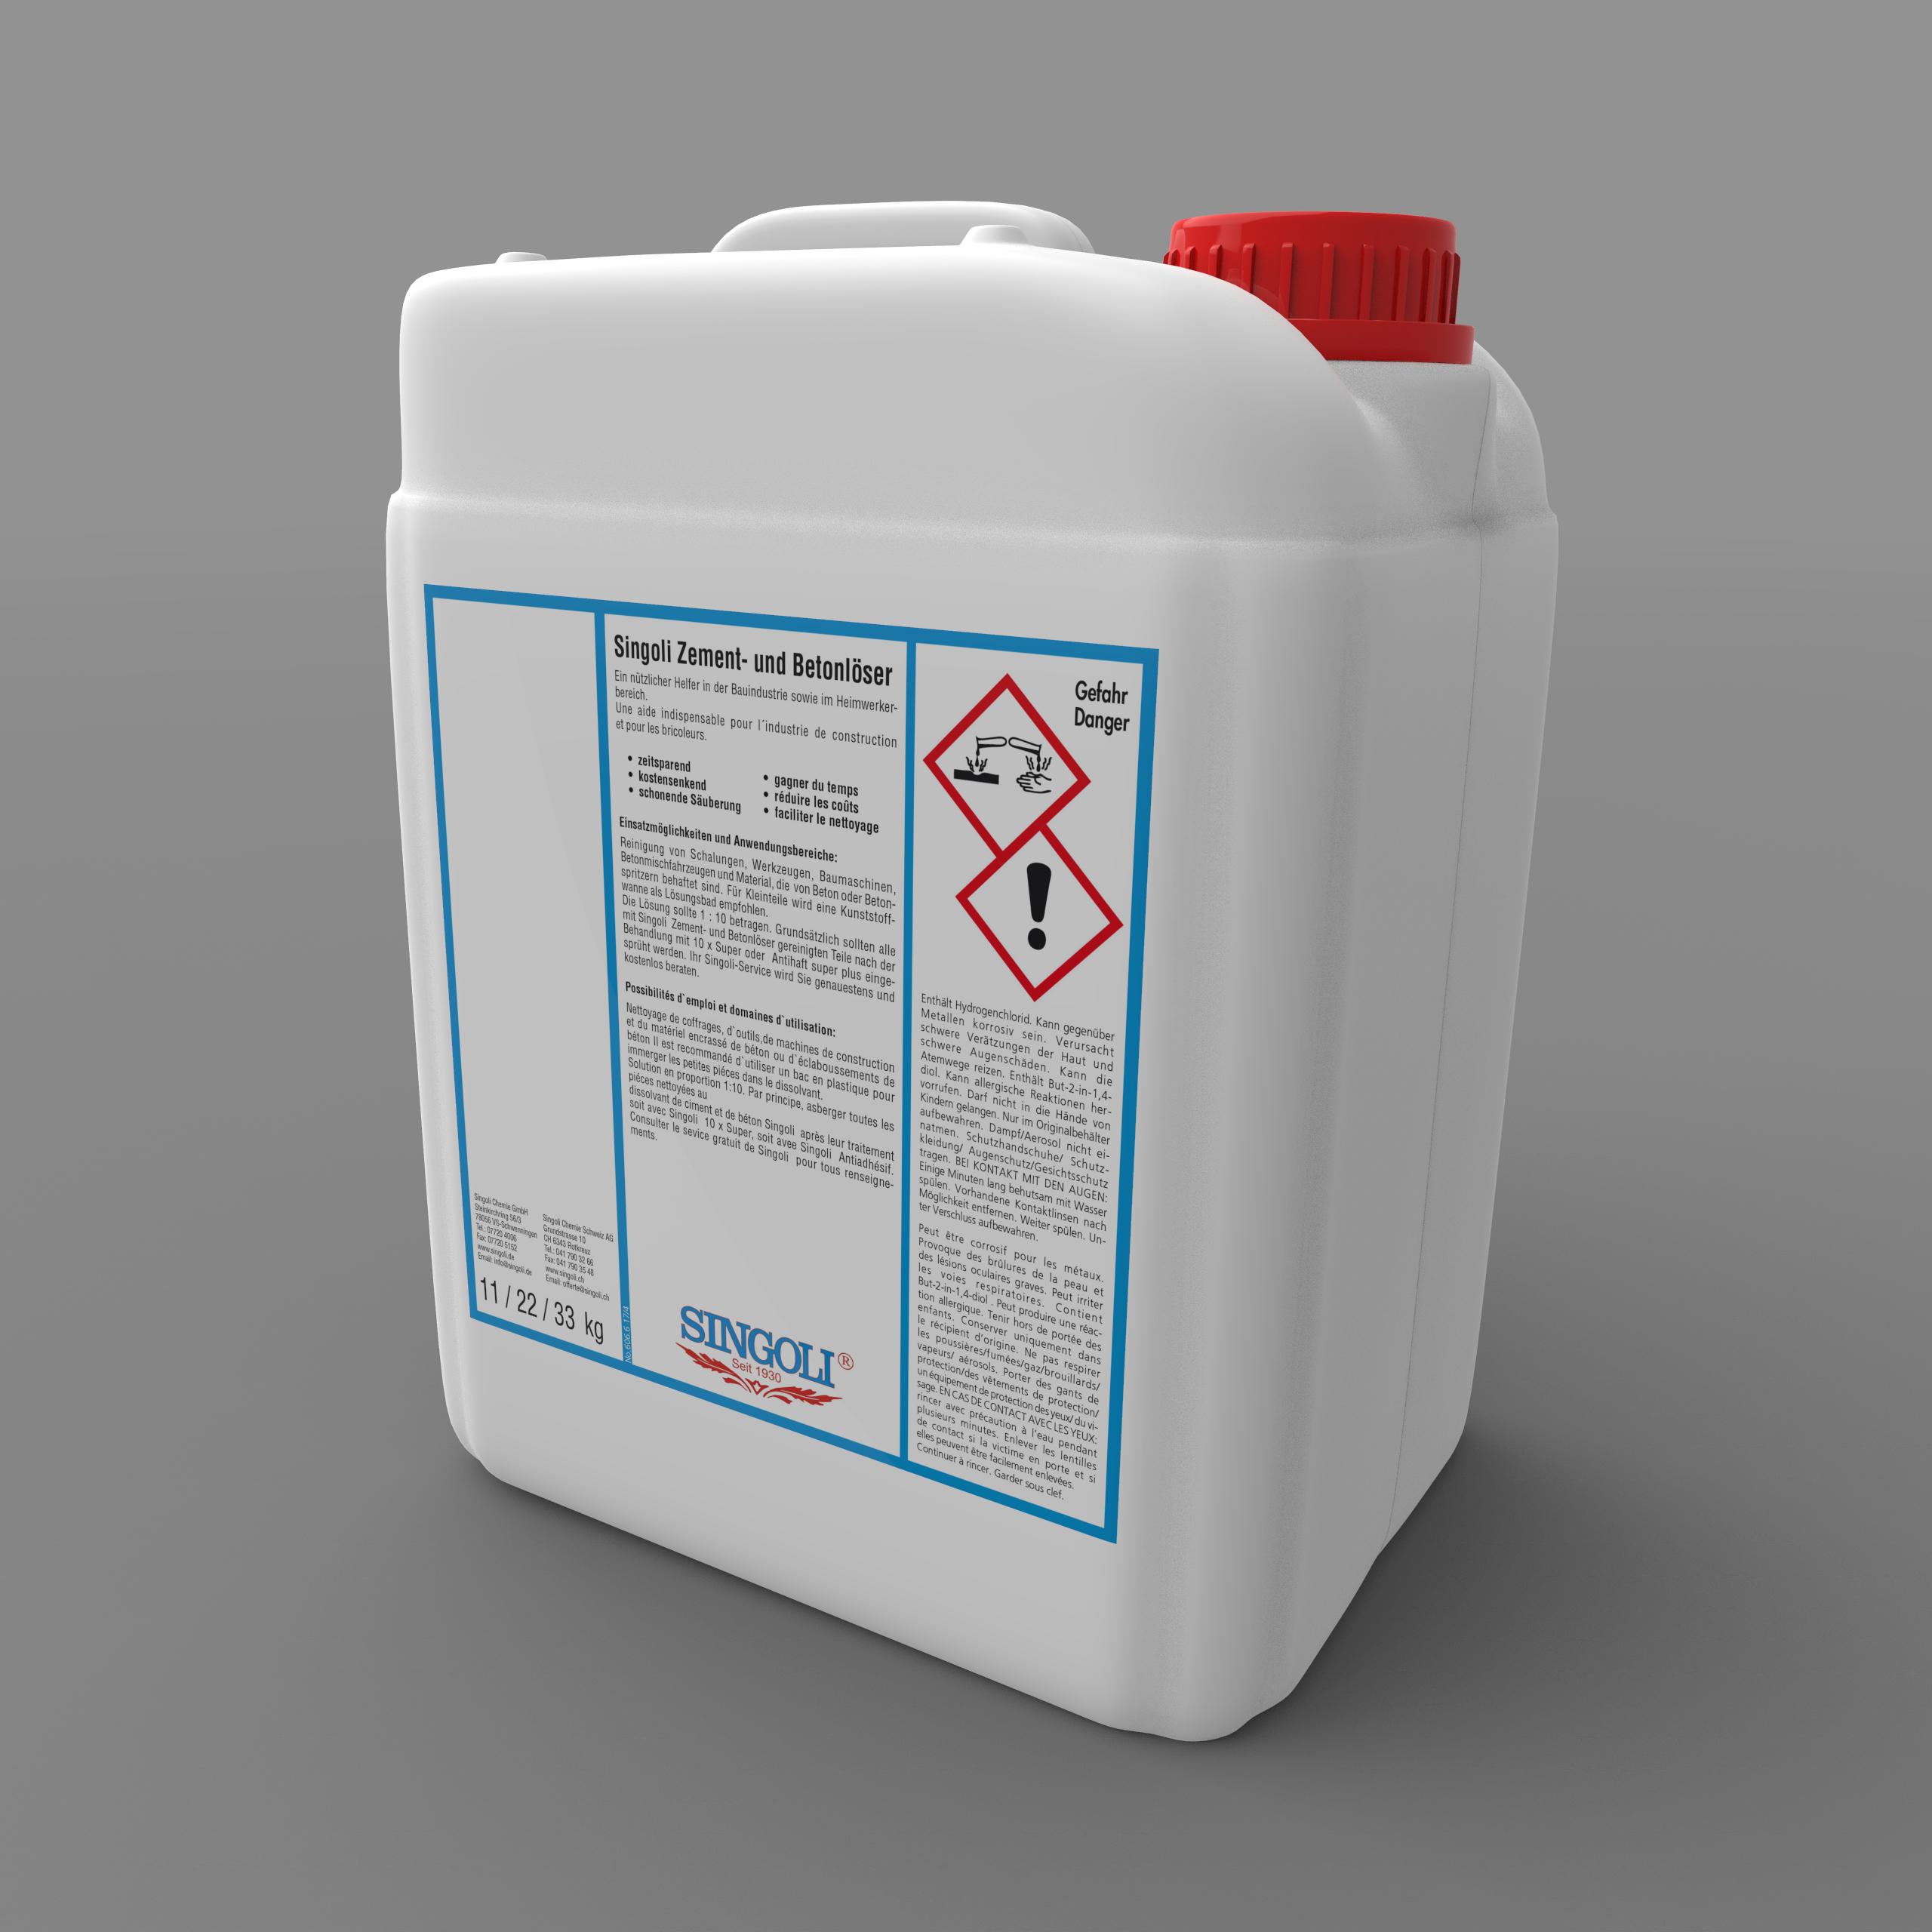 Zement Und Betonlöser Singoli Chemie GmbH - Zement entfernen fliesen